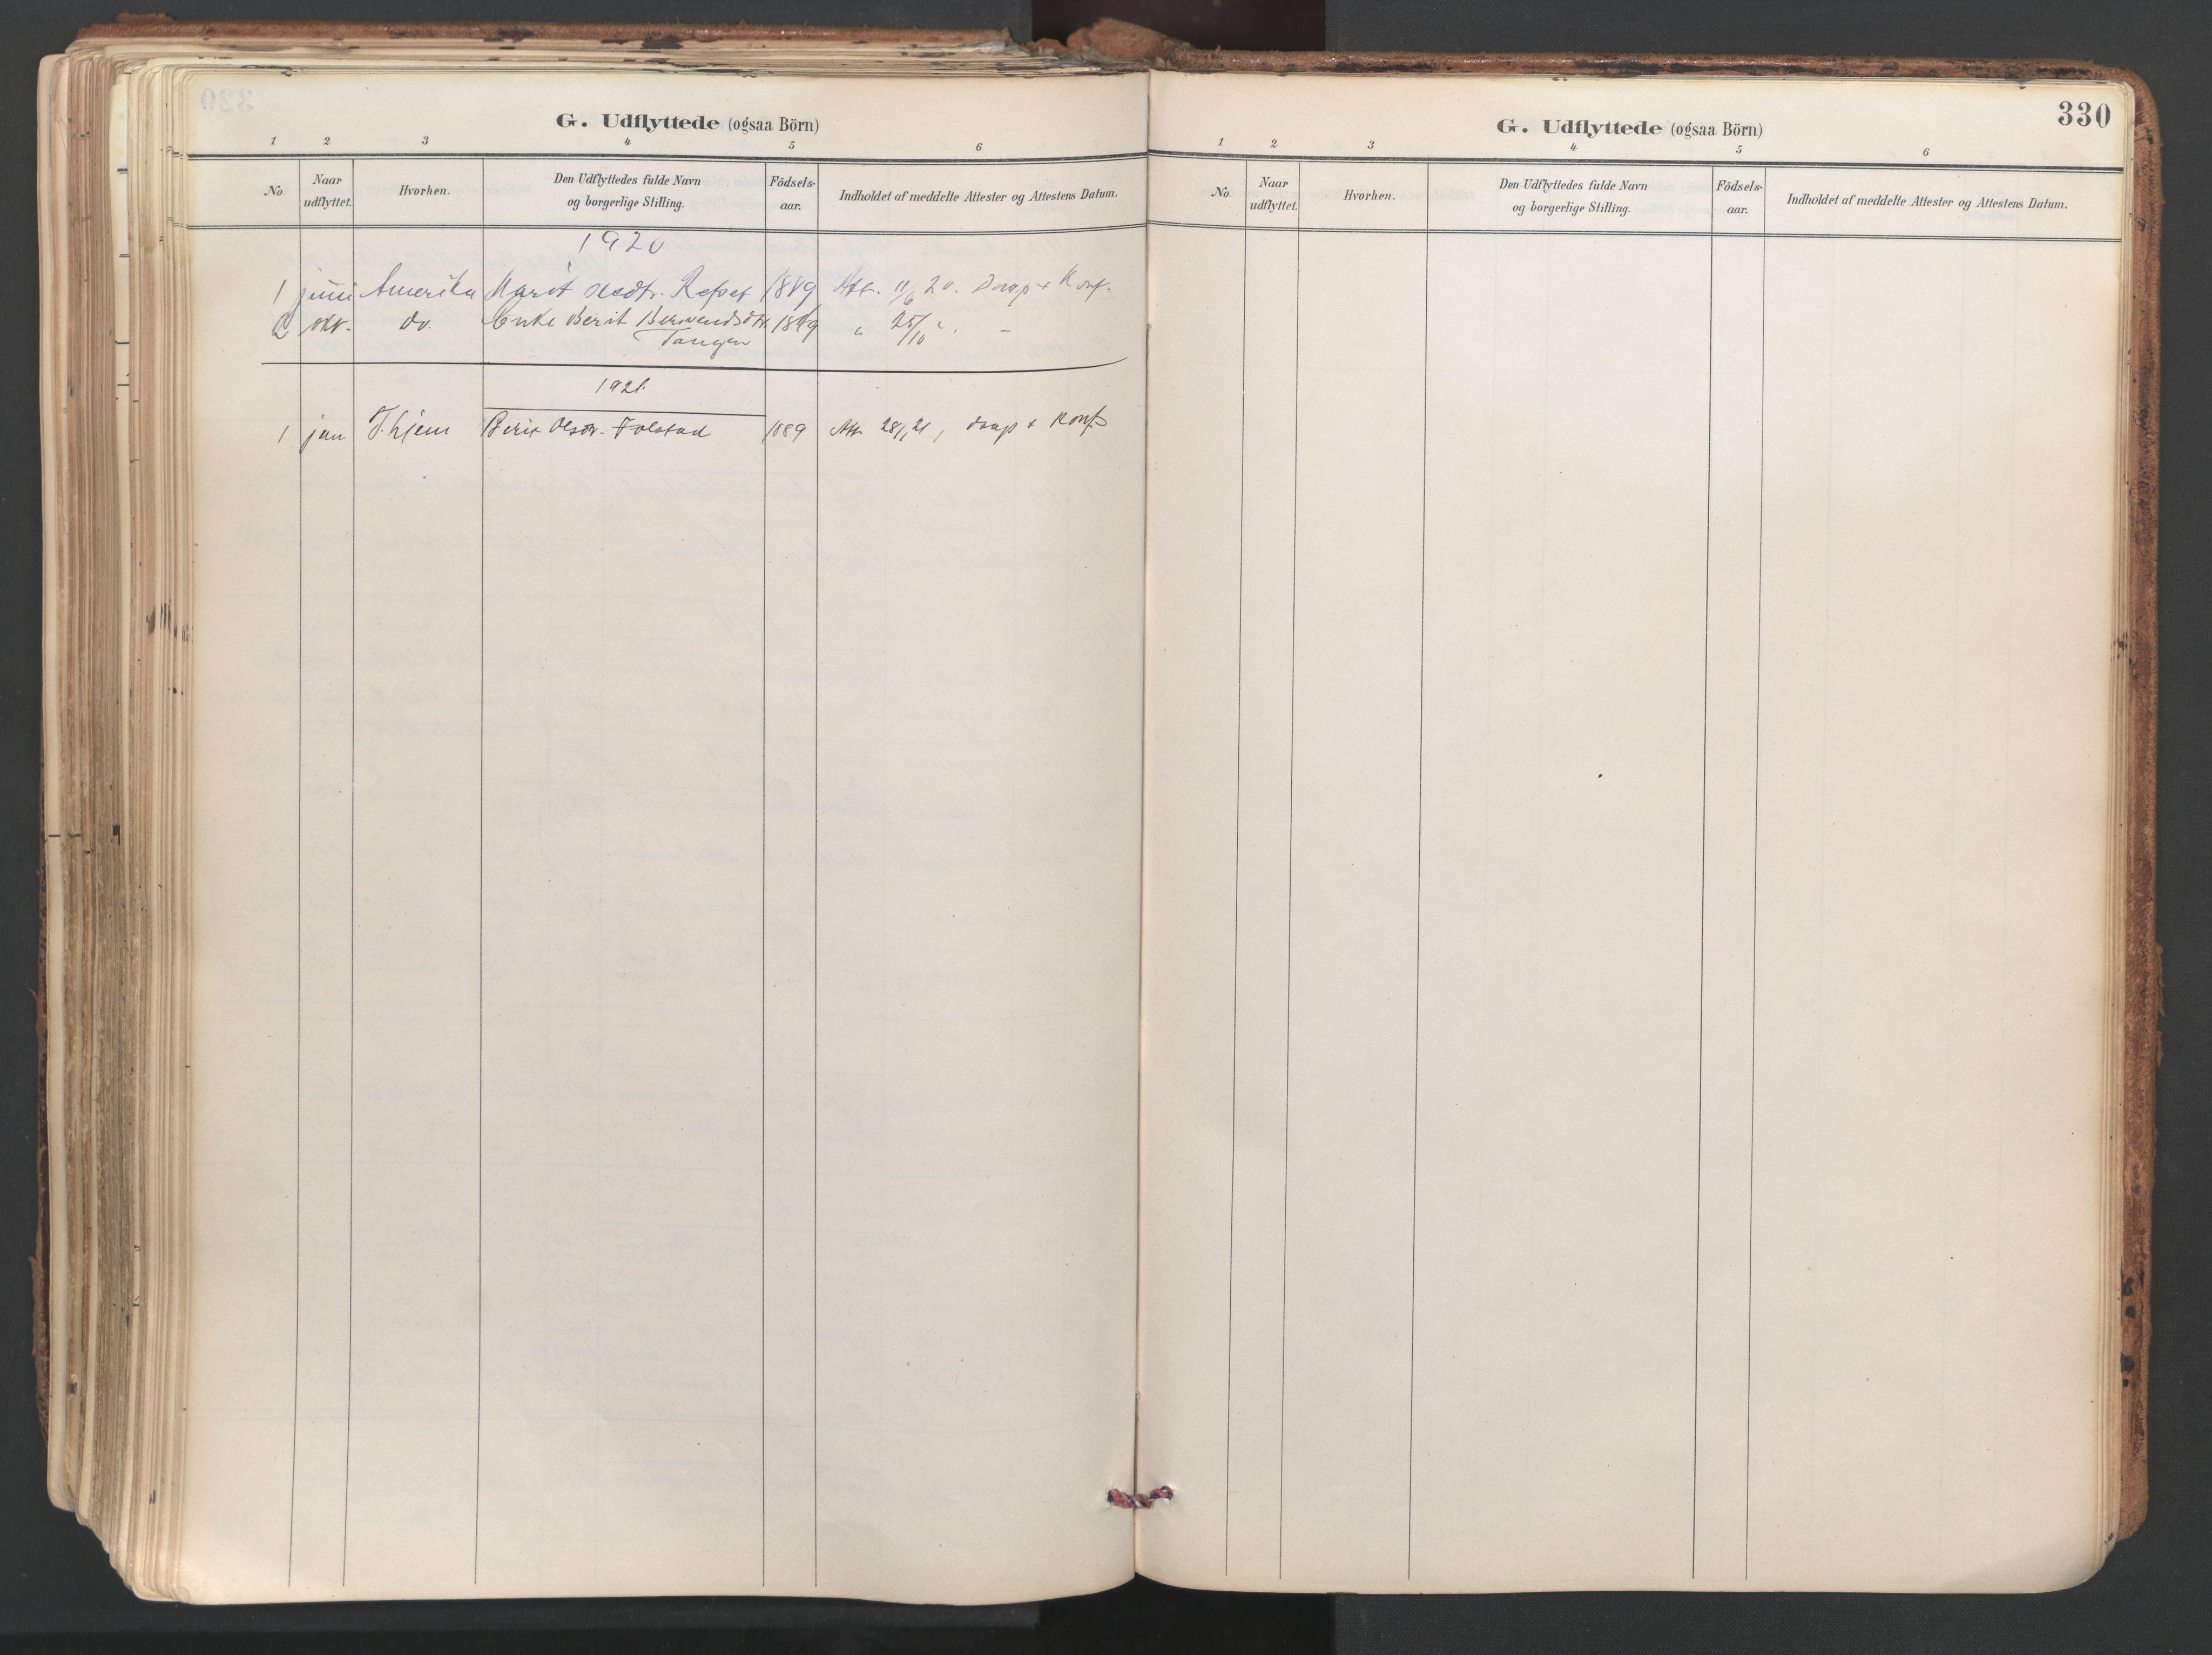 SAT, Ministerialprotokoller, klokkerbøker og fødselsregistre - Sør-Trøndelag, 687/L1004: Ministerialbok nr. 687A10, 1891-1923, s. 330